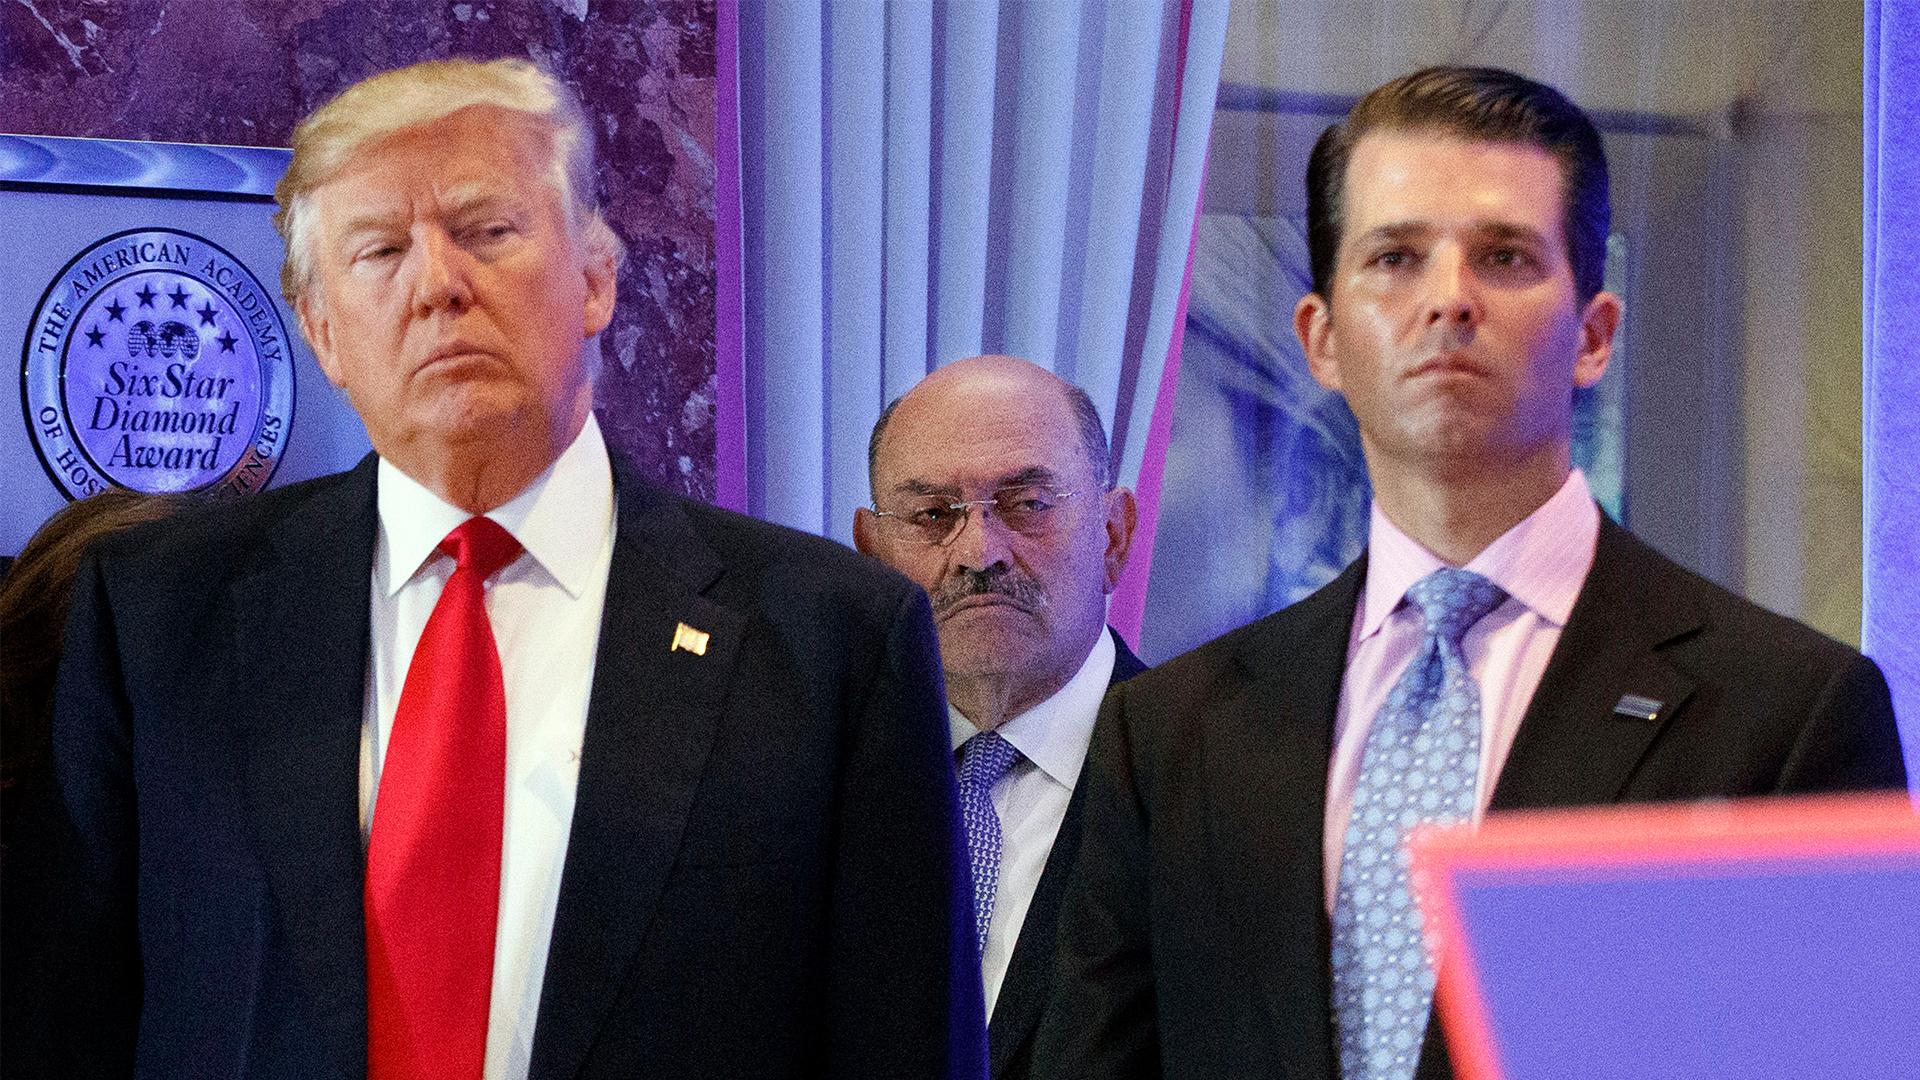 allen weisselberg trump organization indictment